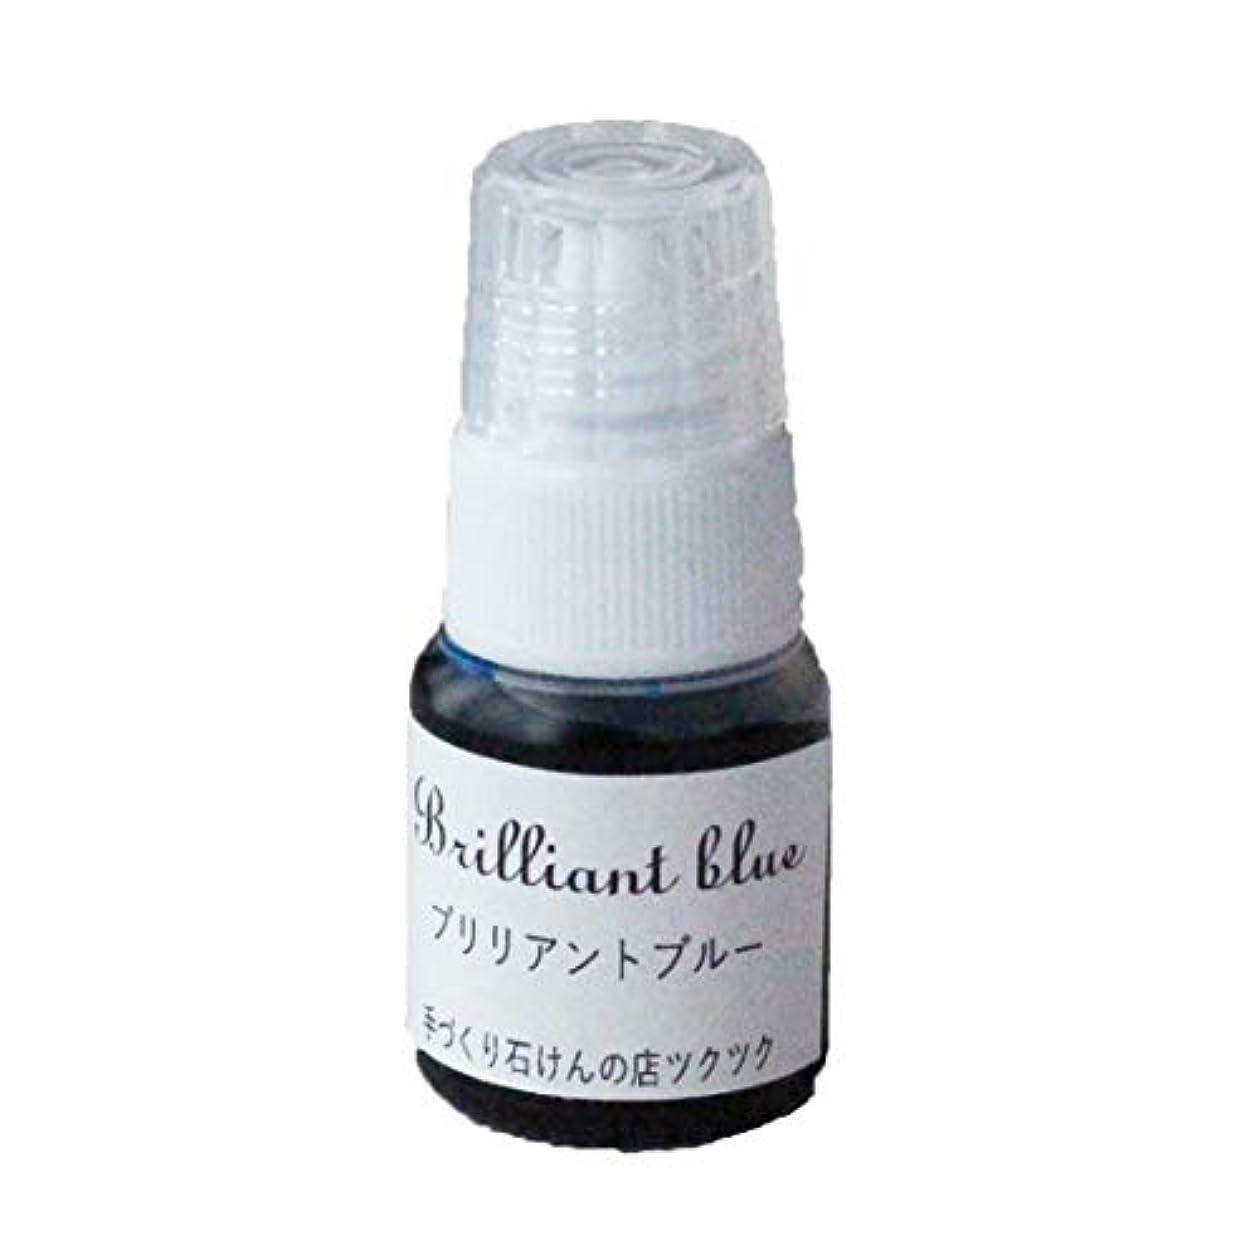 メトロポリタン光の同意するリキッドカラー ブリリアントブルー/手作り石けん材料/MPソープ?グリセリンソープ?透明石鹸?液体石鹸用